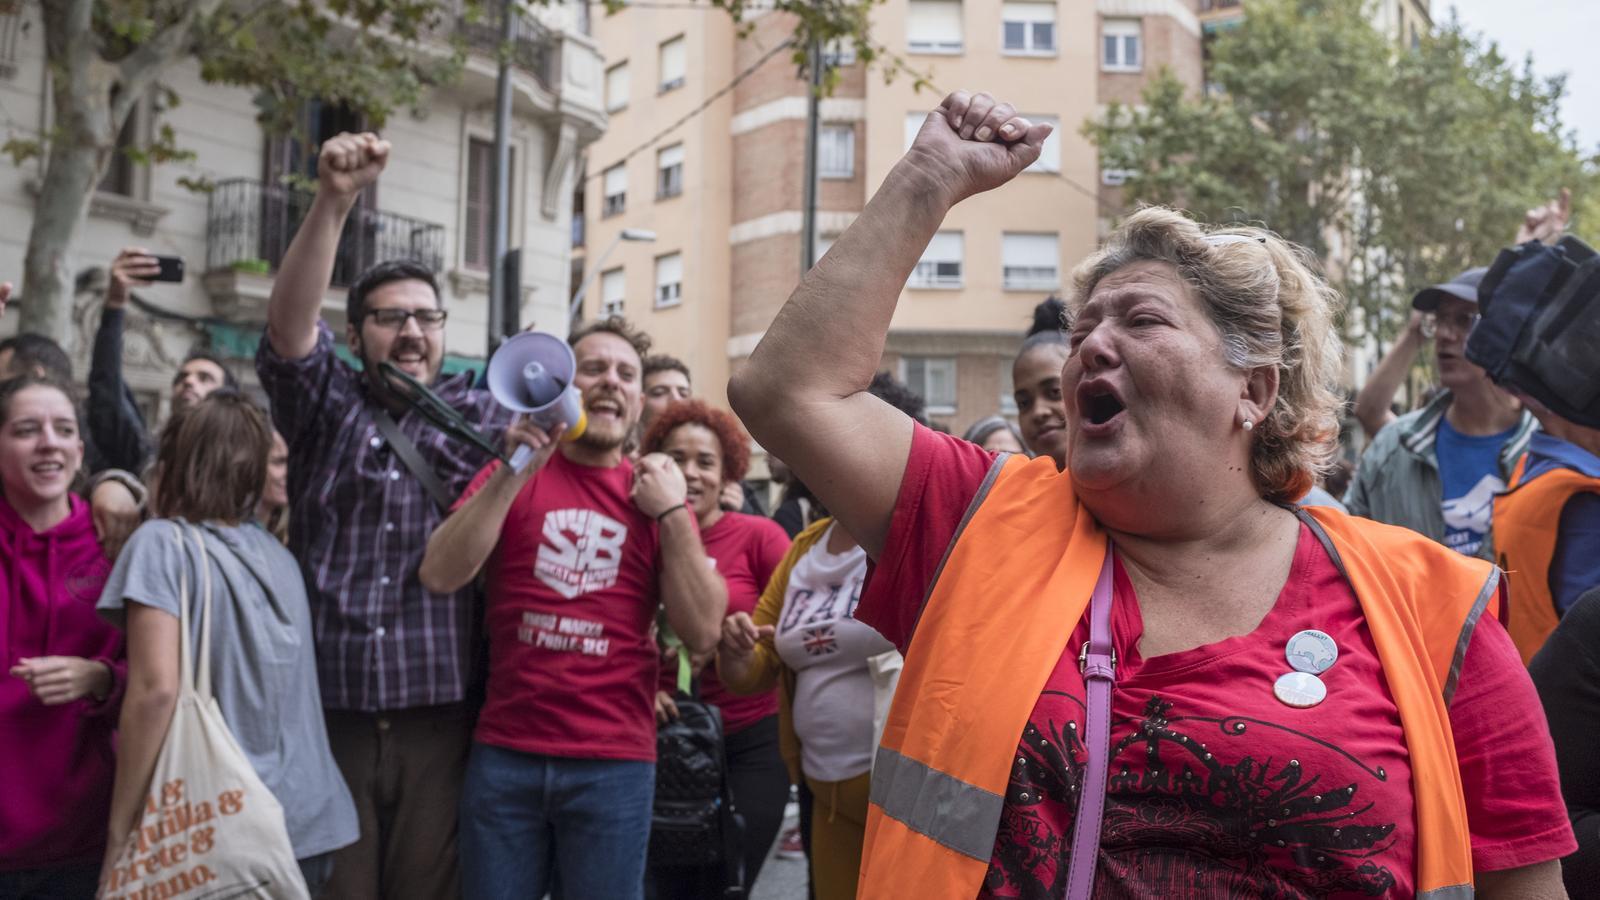 Desnonament amb data oberta d'un edifici sencer al Poble-sec de Barcelona